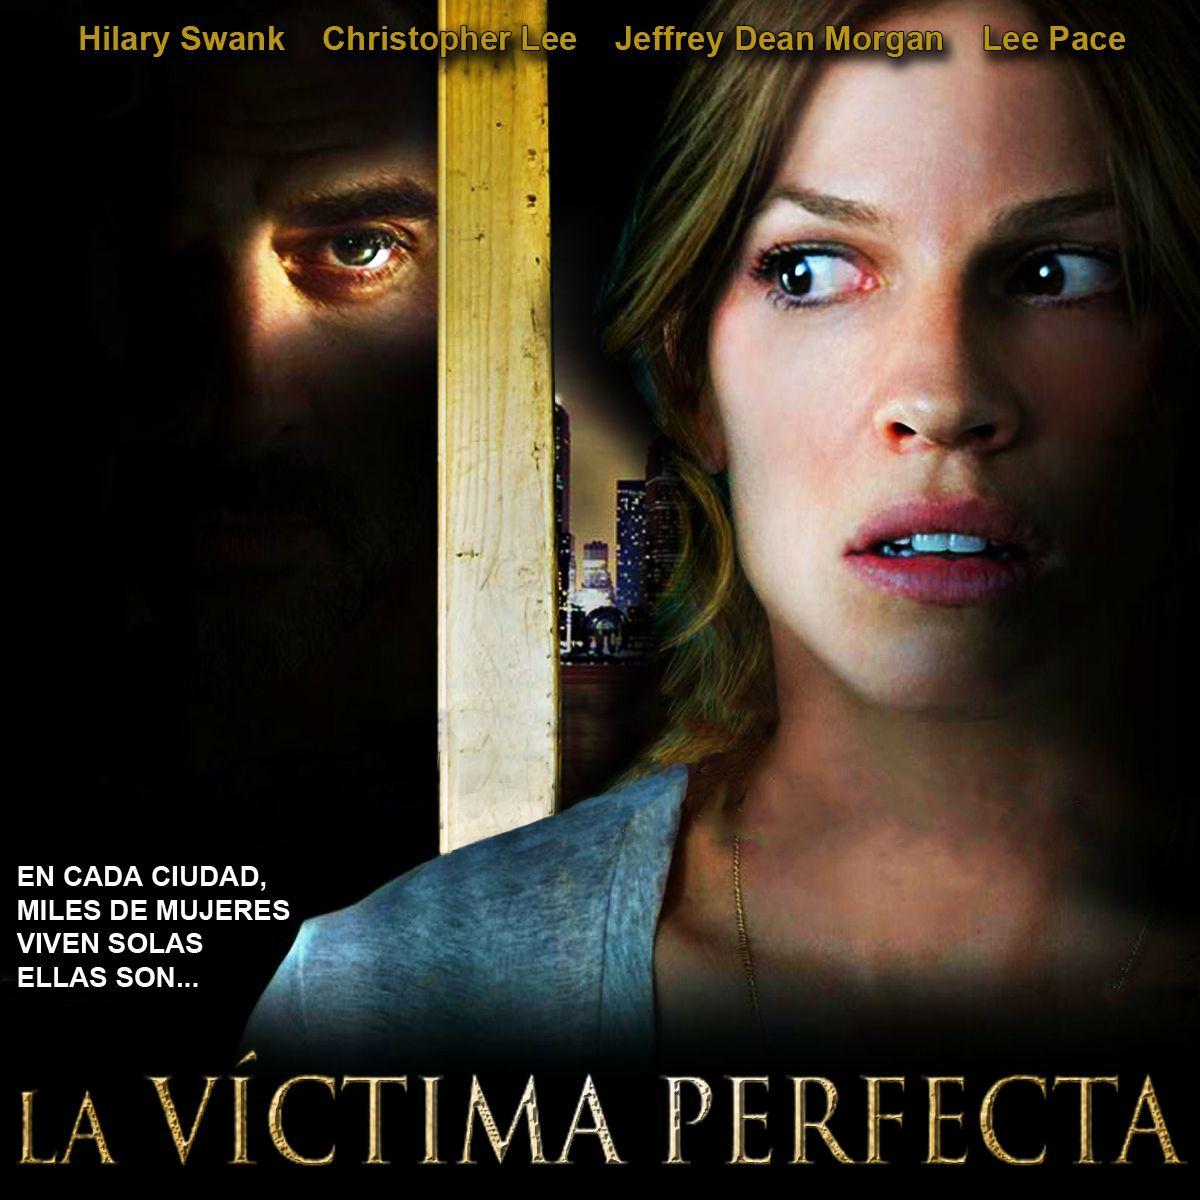 http://2.bp.blogspot.com/-VWuukLXqqwk/Tj3QpTflfqI/AAAAAAAABFk/b6QKQvFYRkk/s1600/La_Victima_Perfecta.jpg